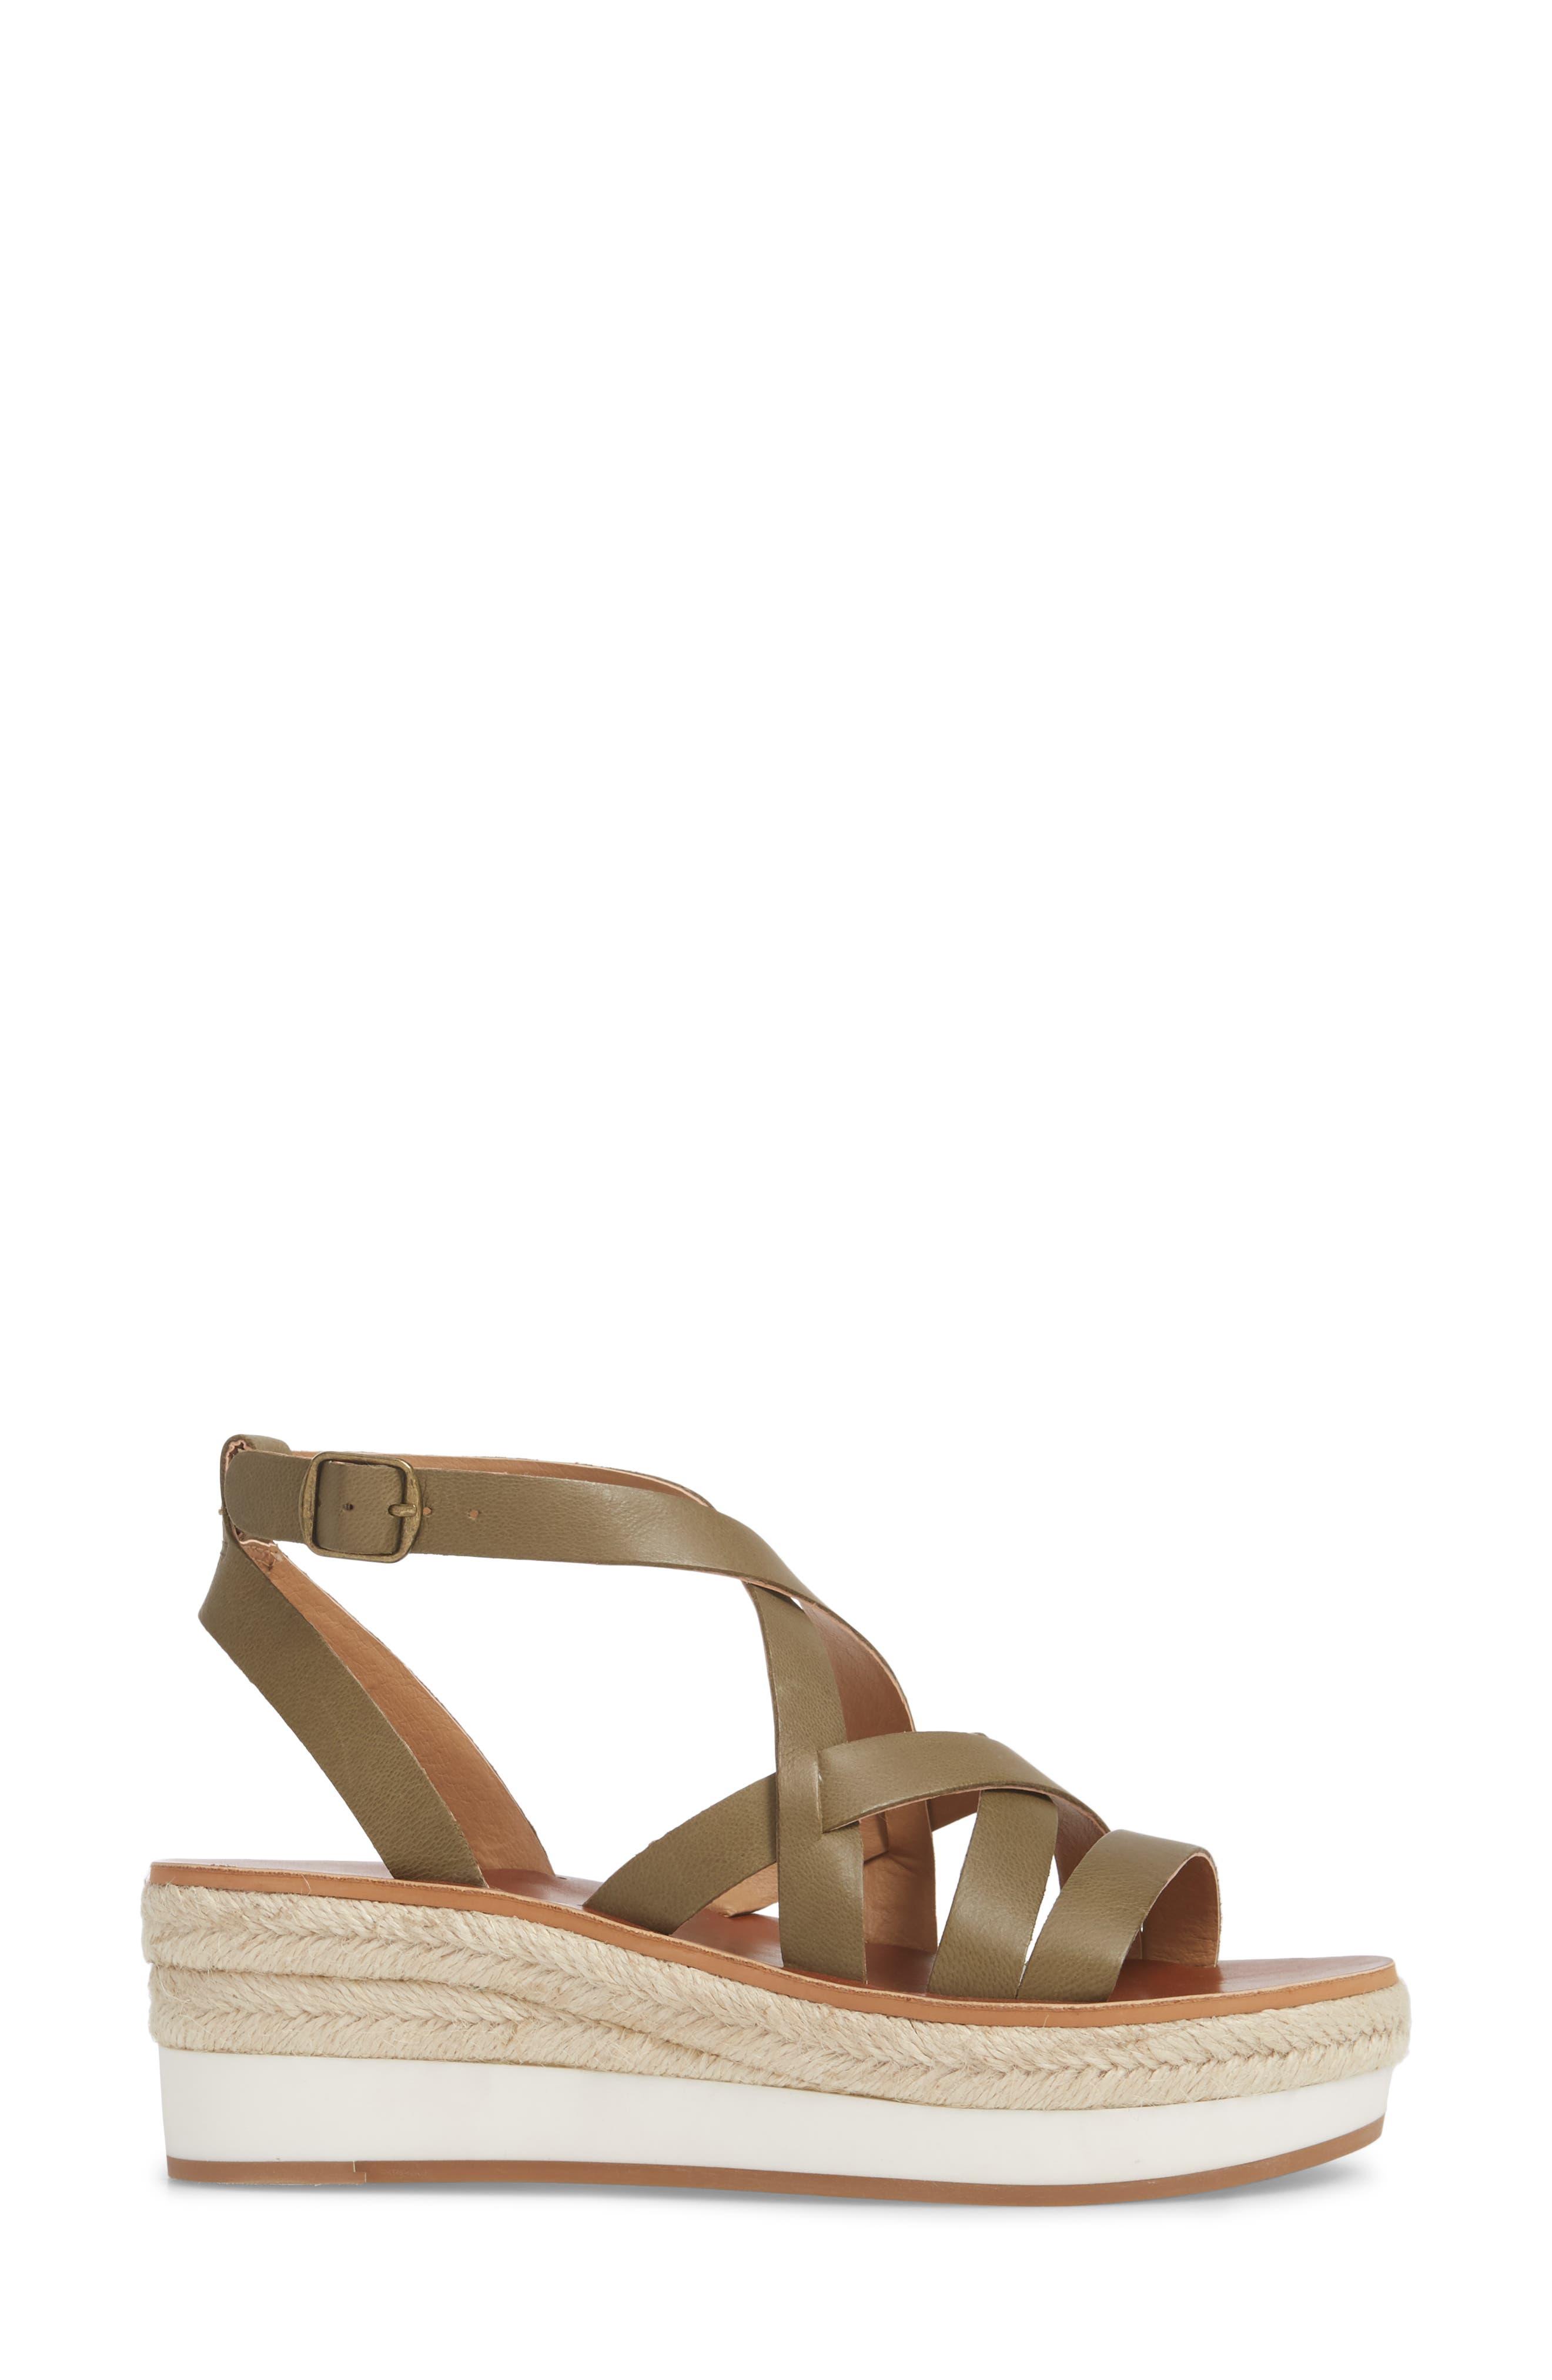 LUCKY BRAND,                             Jenepper Platform Wedge Sandal,                             Alternate thumbnail 3, color,                             DRAB LEATHER